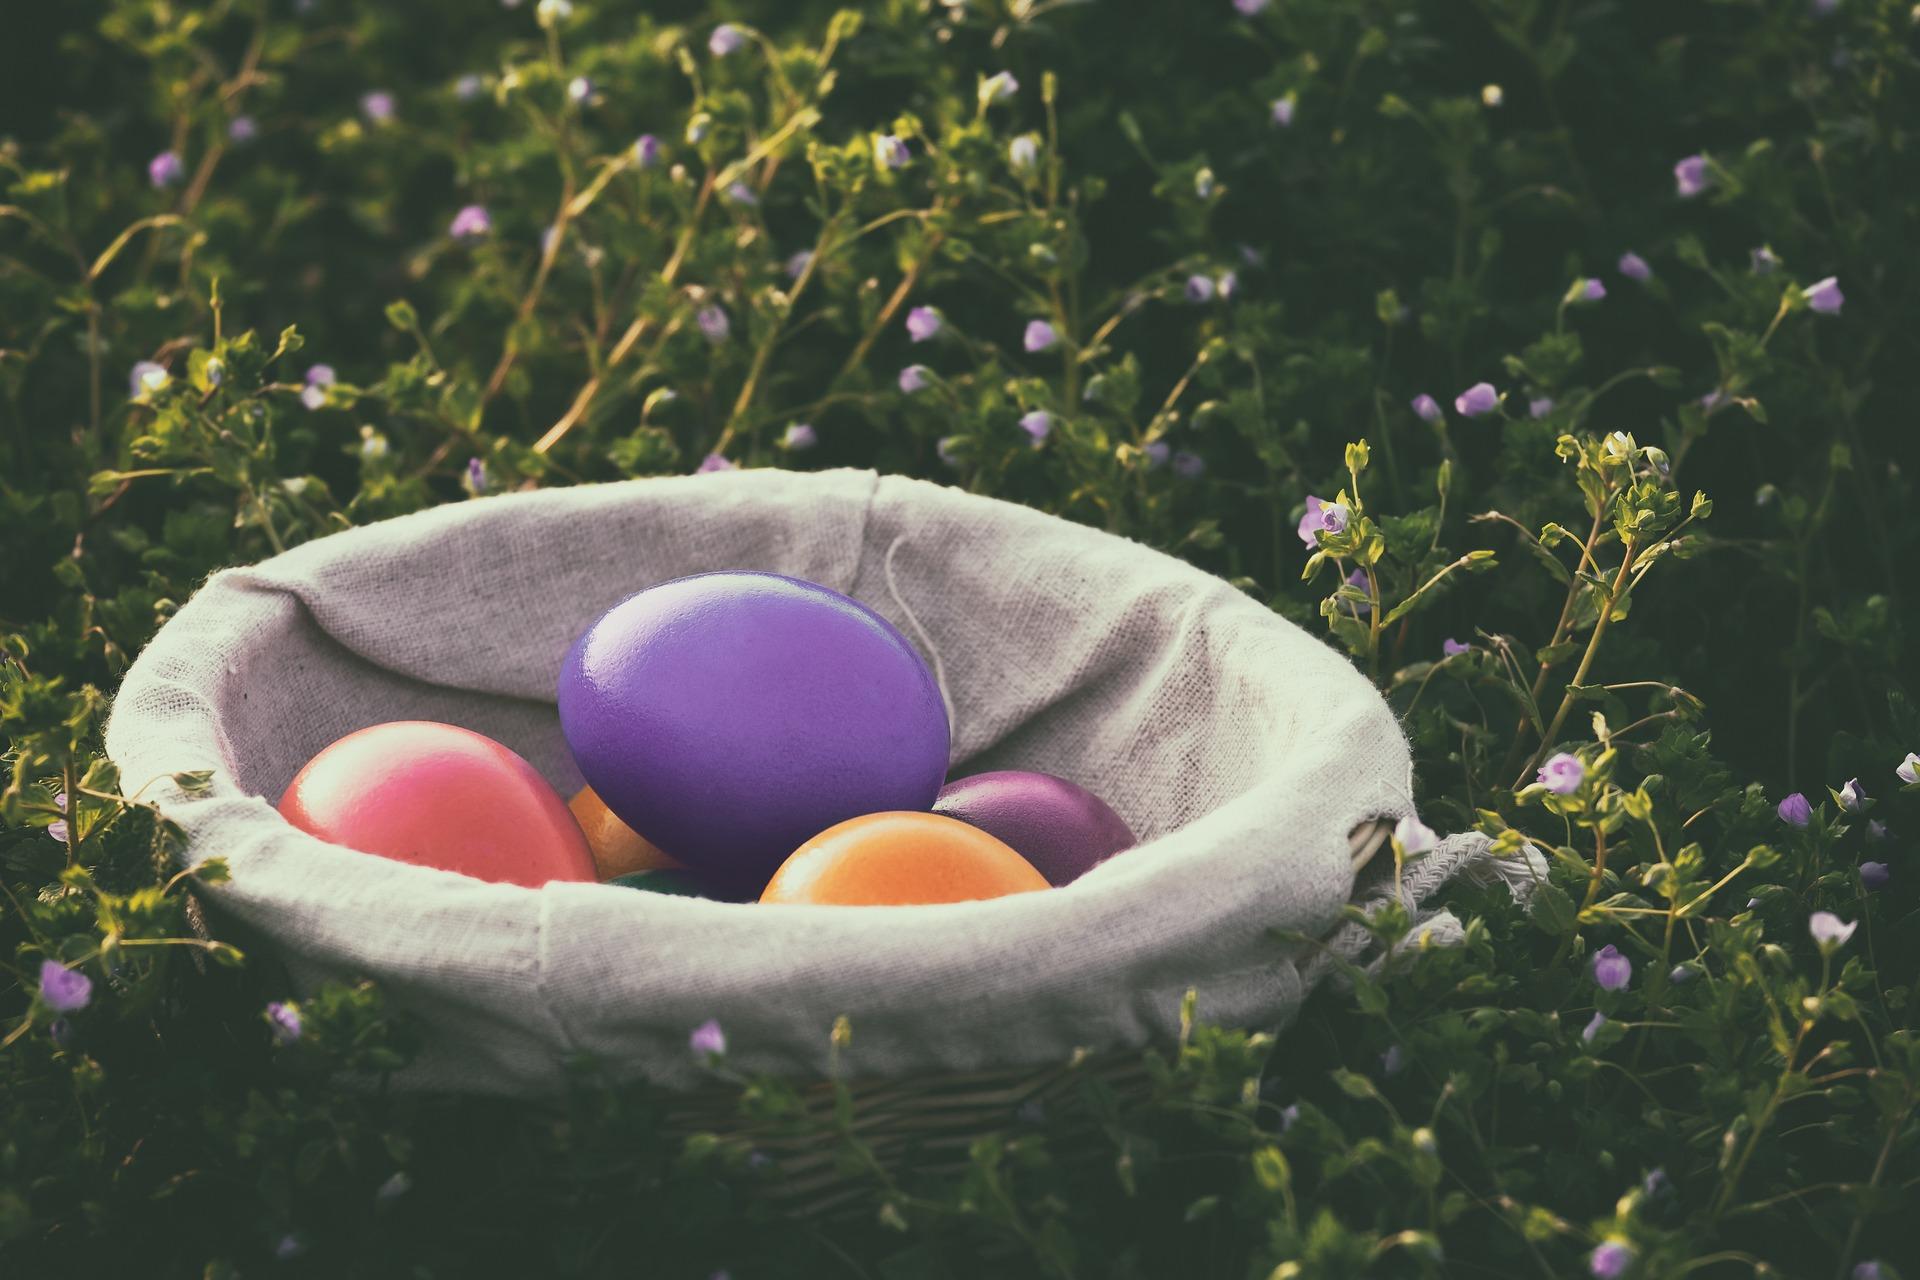 Celiac-safe easter basket